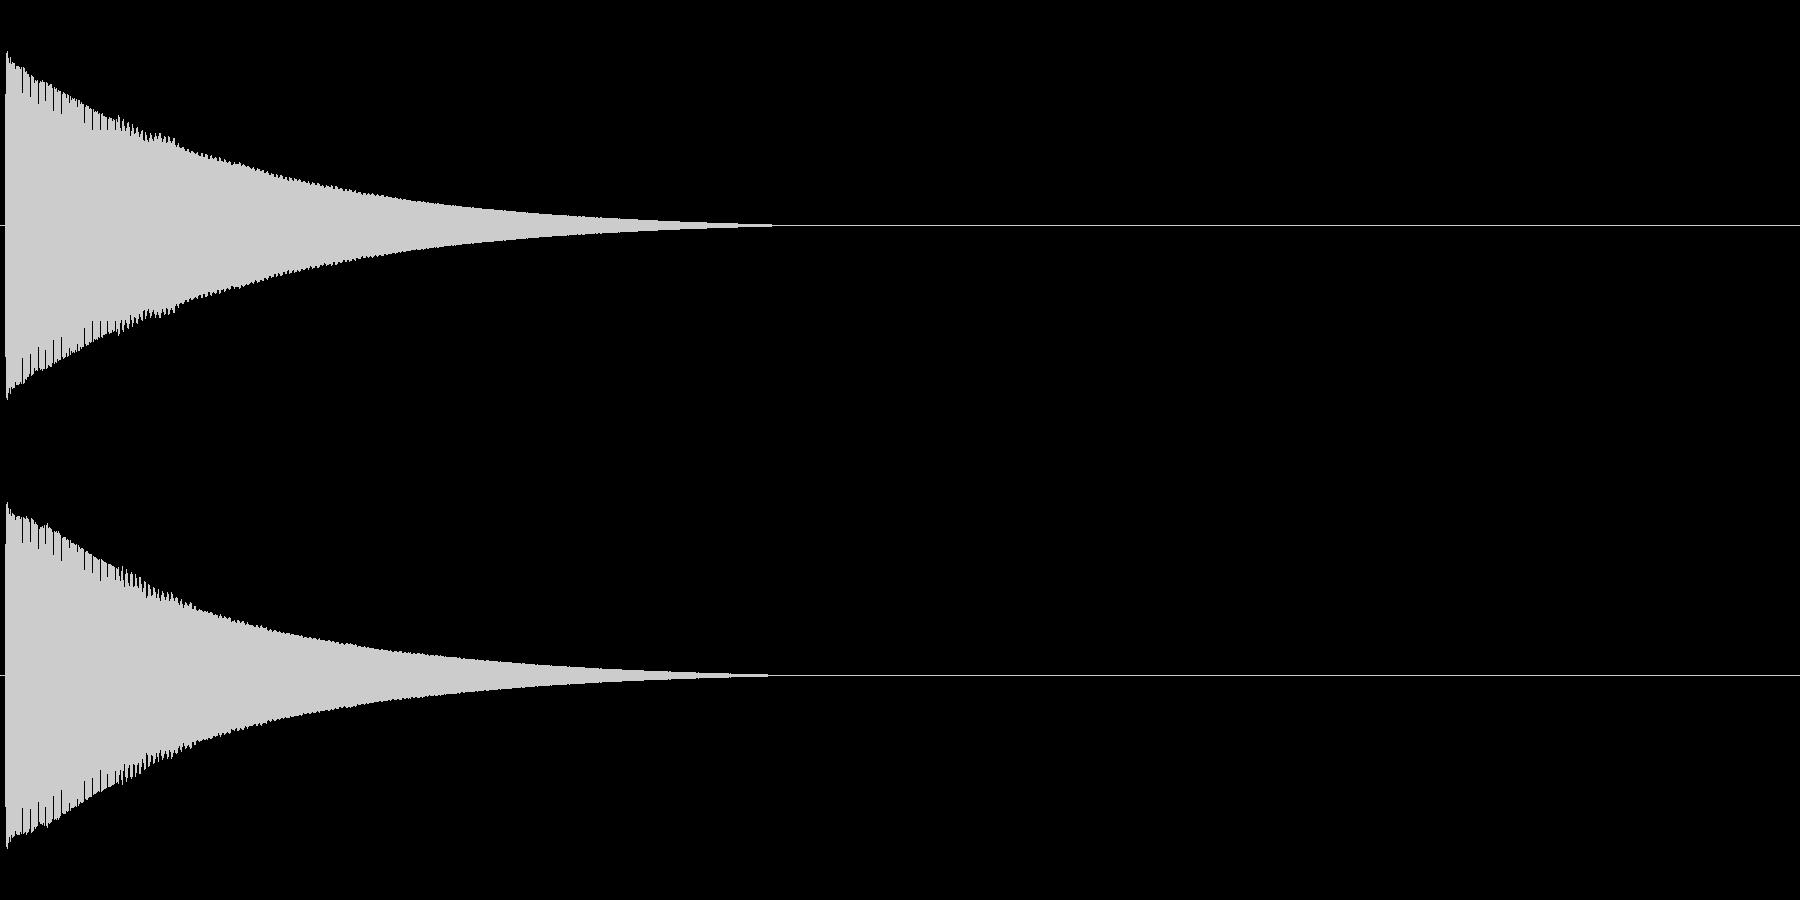 ピローン、ピコーンといった効果音「ソ」の未再生の波形